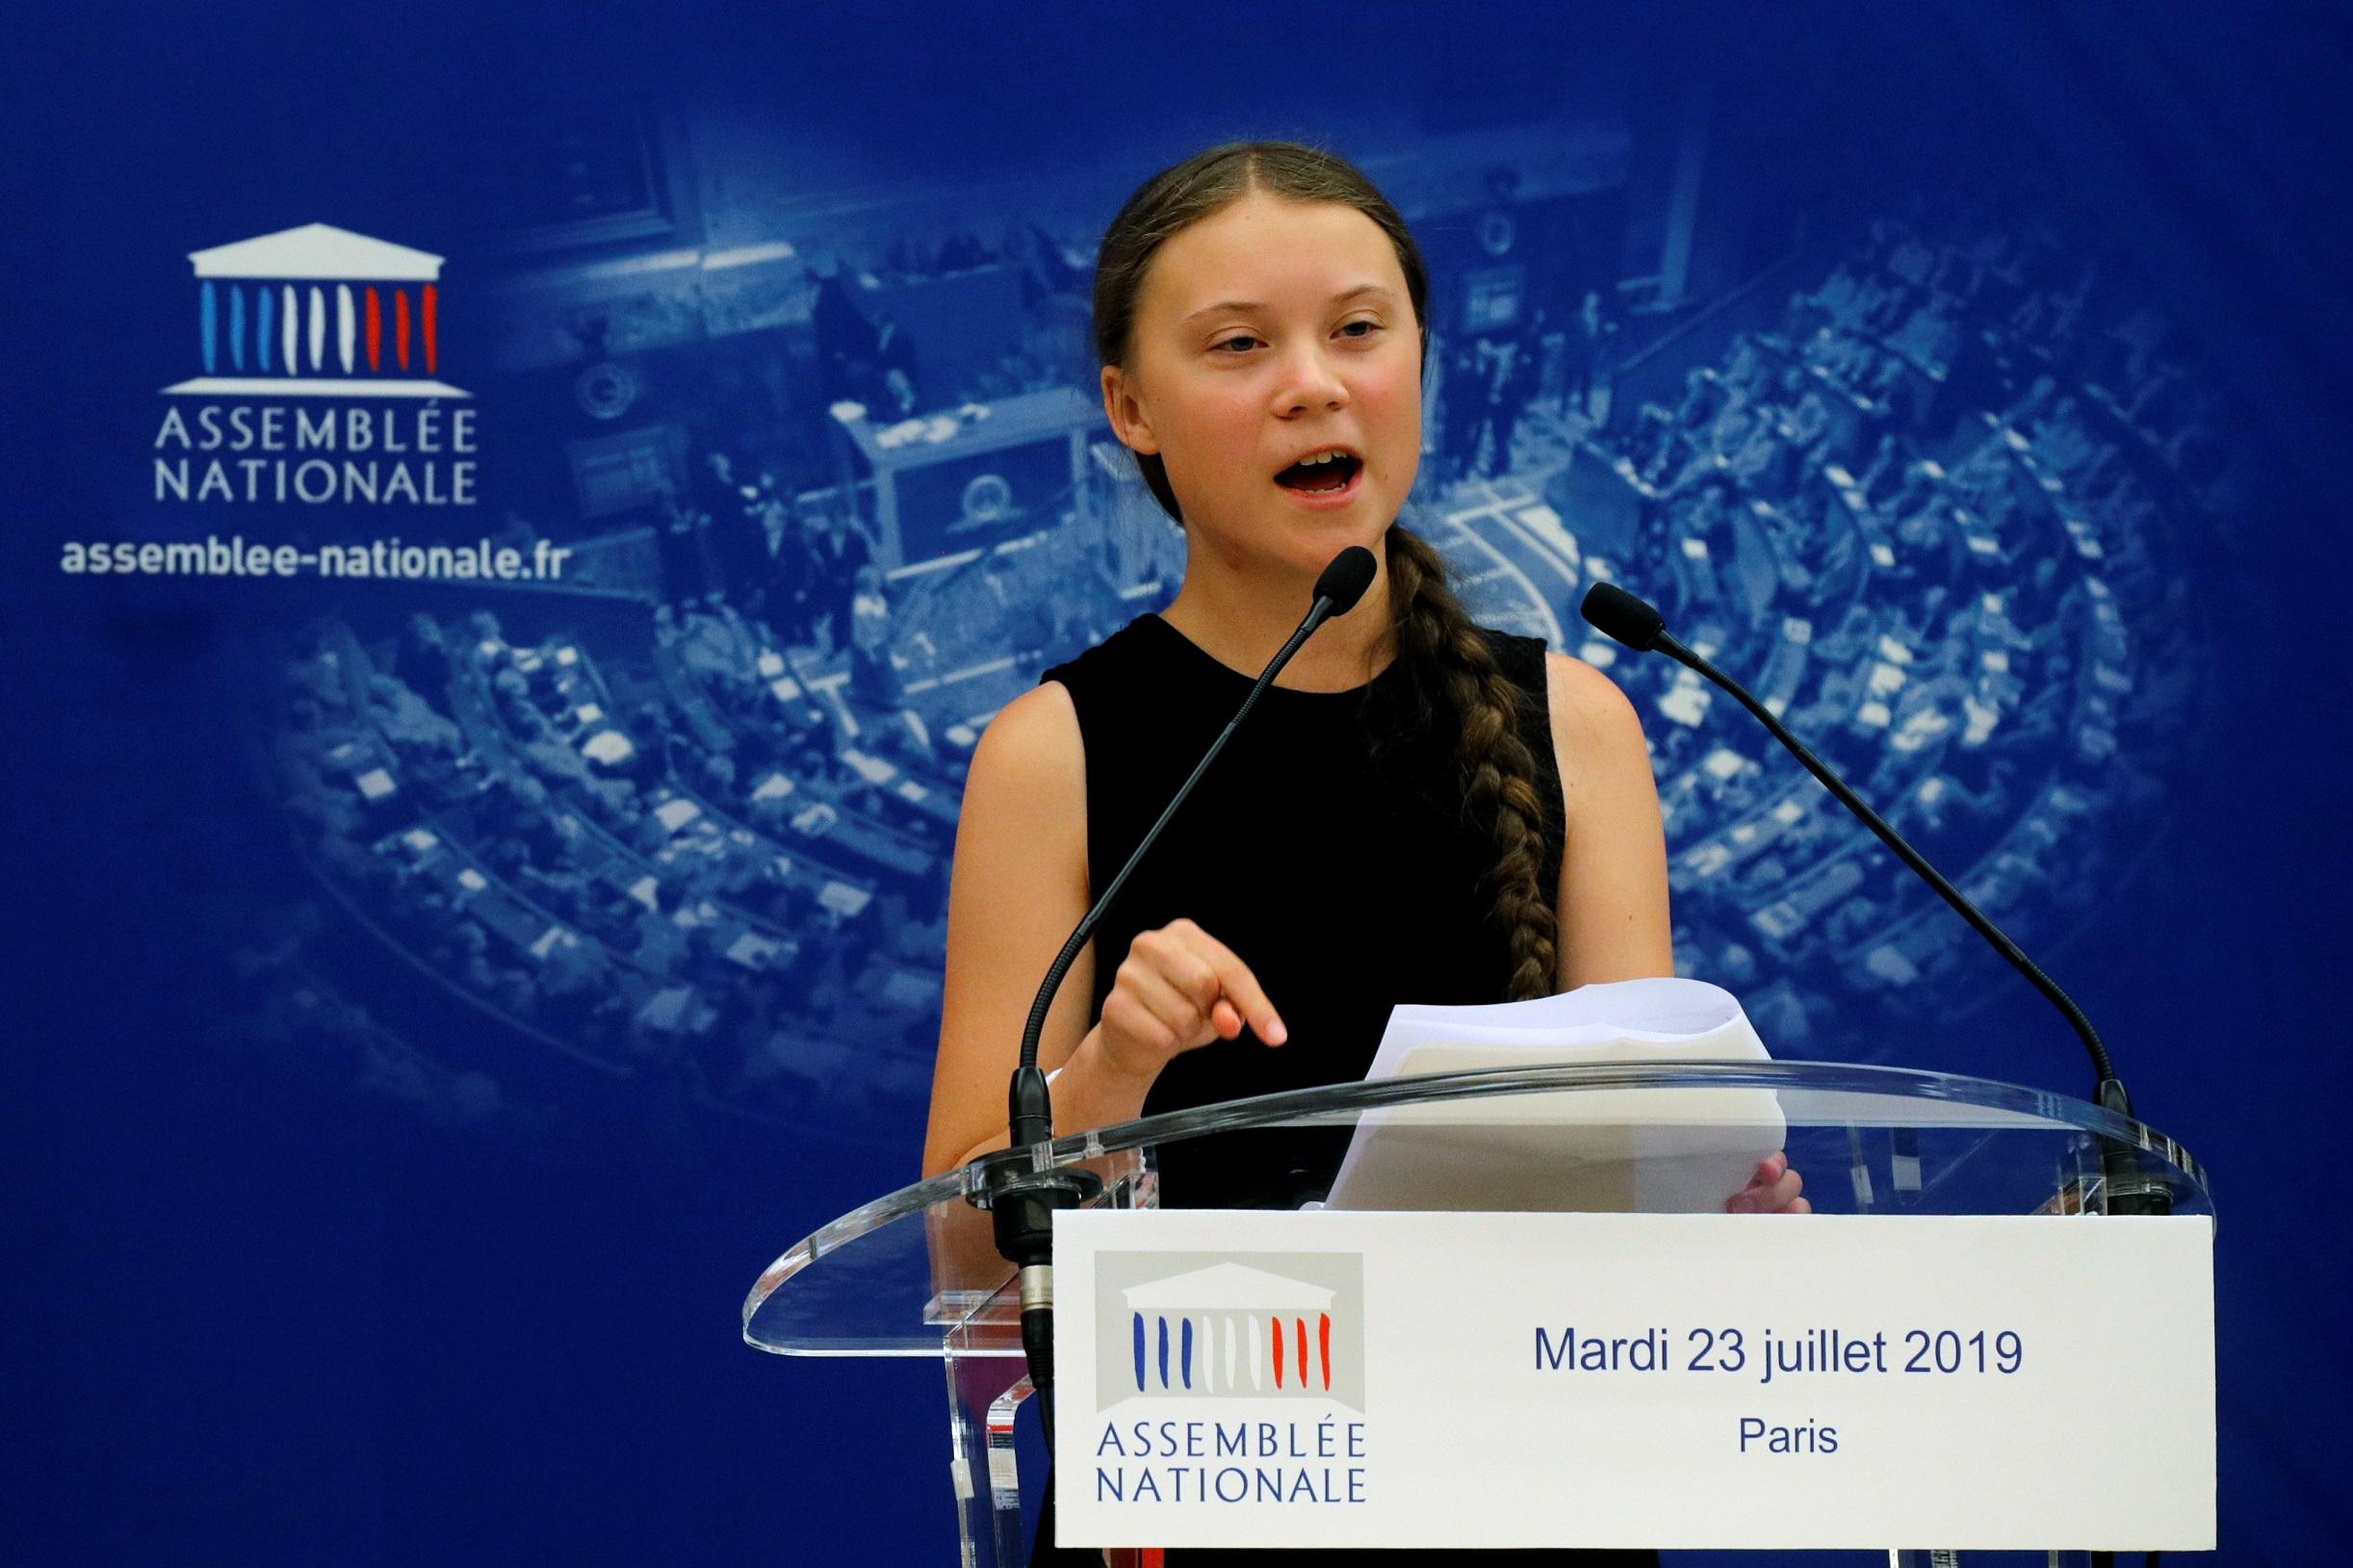 Тунберг ругает представителей Национальной Ассамблеи Франции